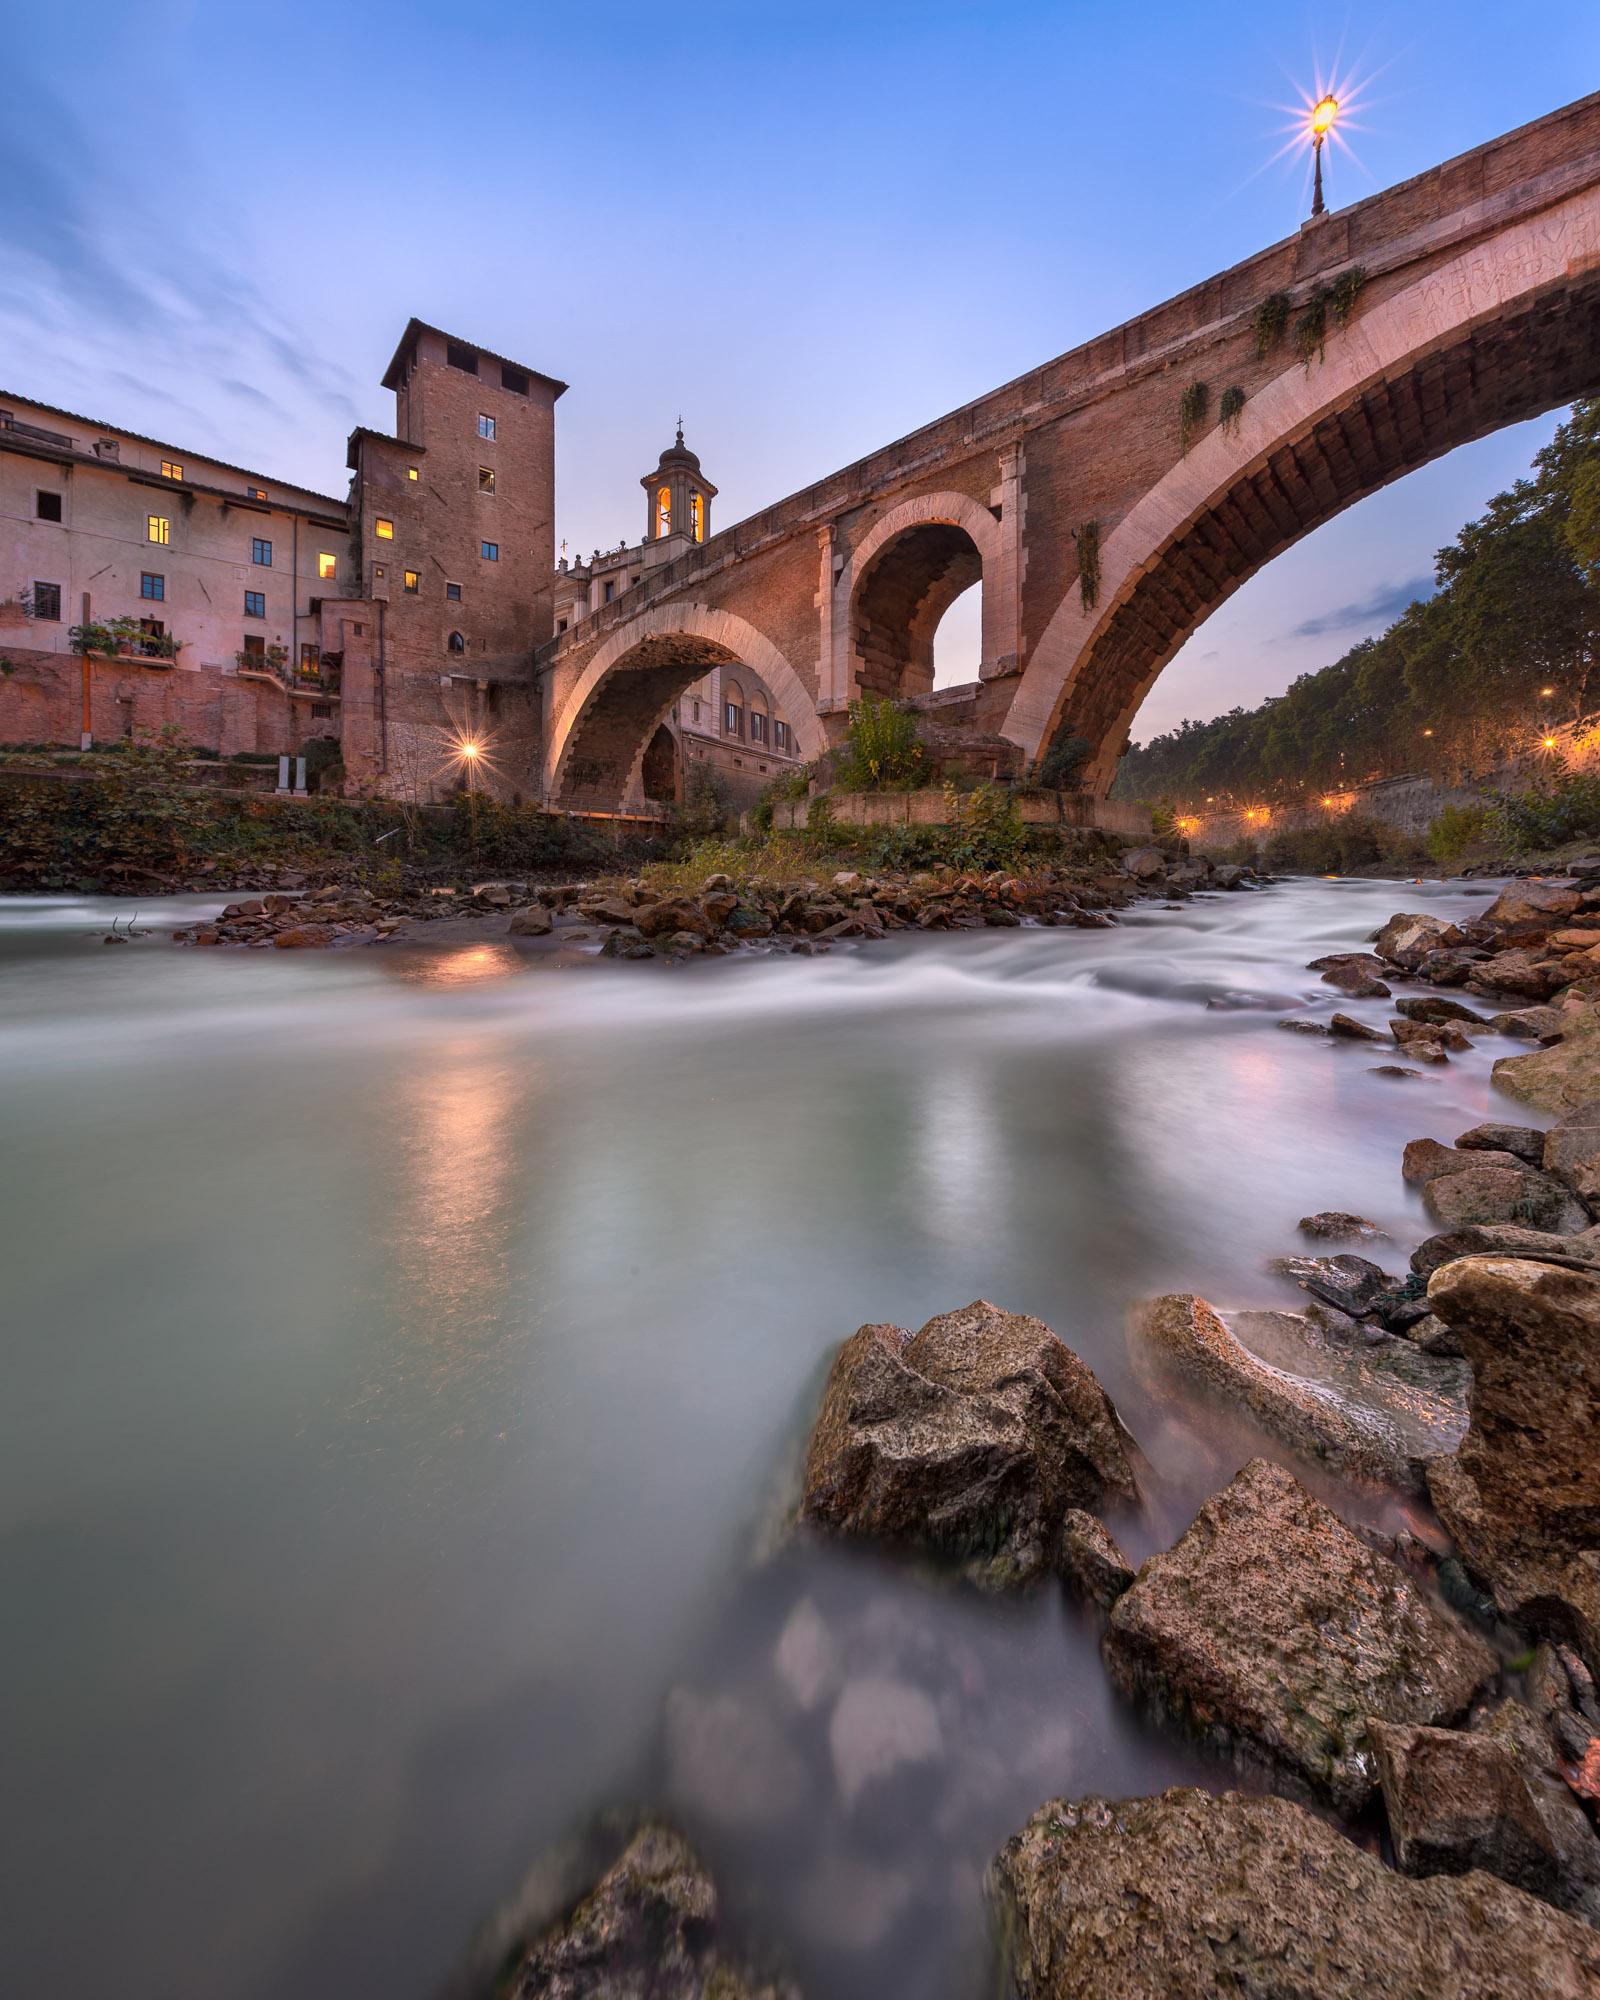 Fabricius Bridge, Rome, Italy